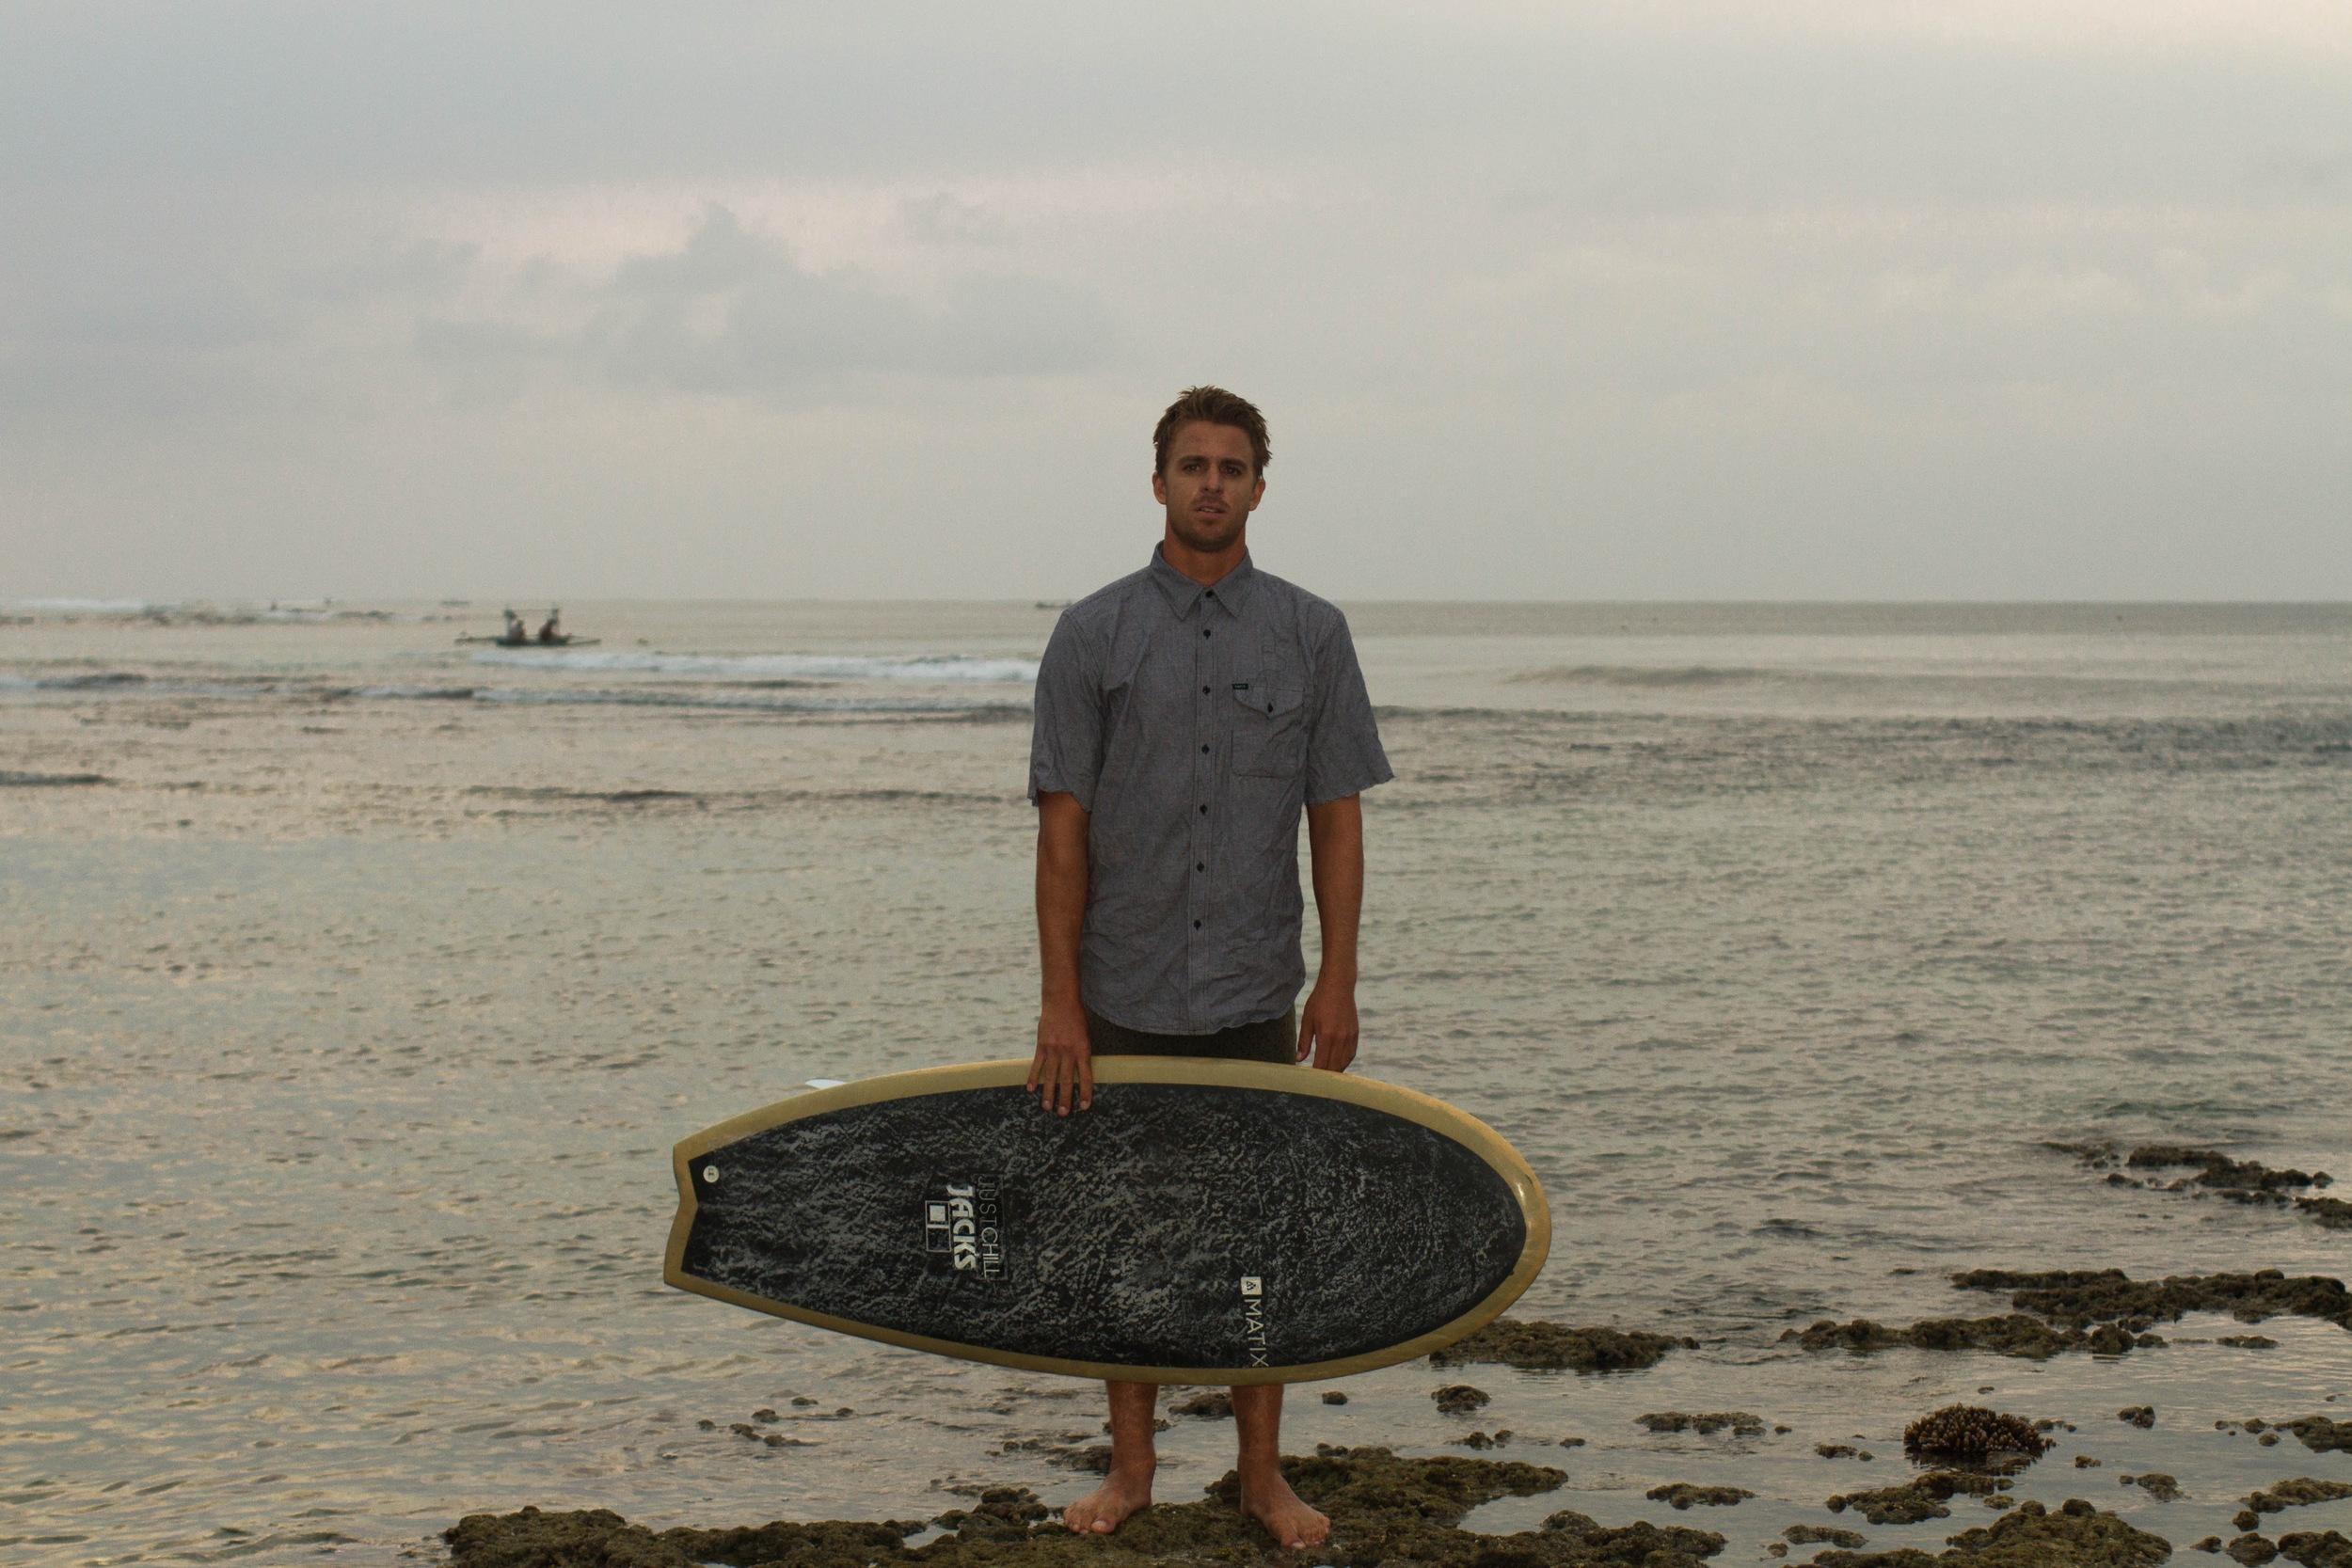 Matt_Pagan_Fancy_Free_Portrait_Brink_Blog_GageHingley_.jpg